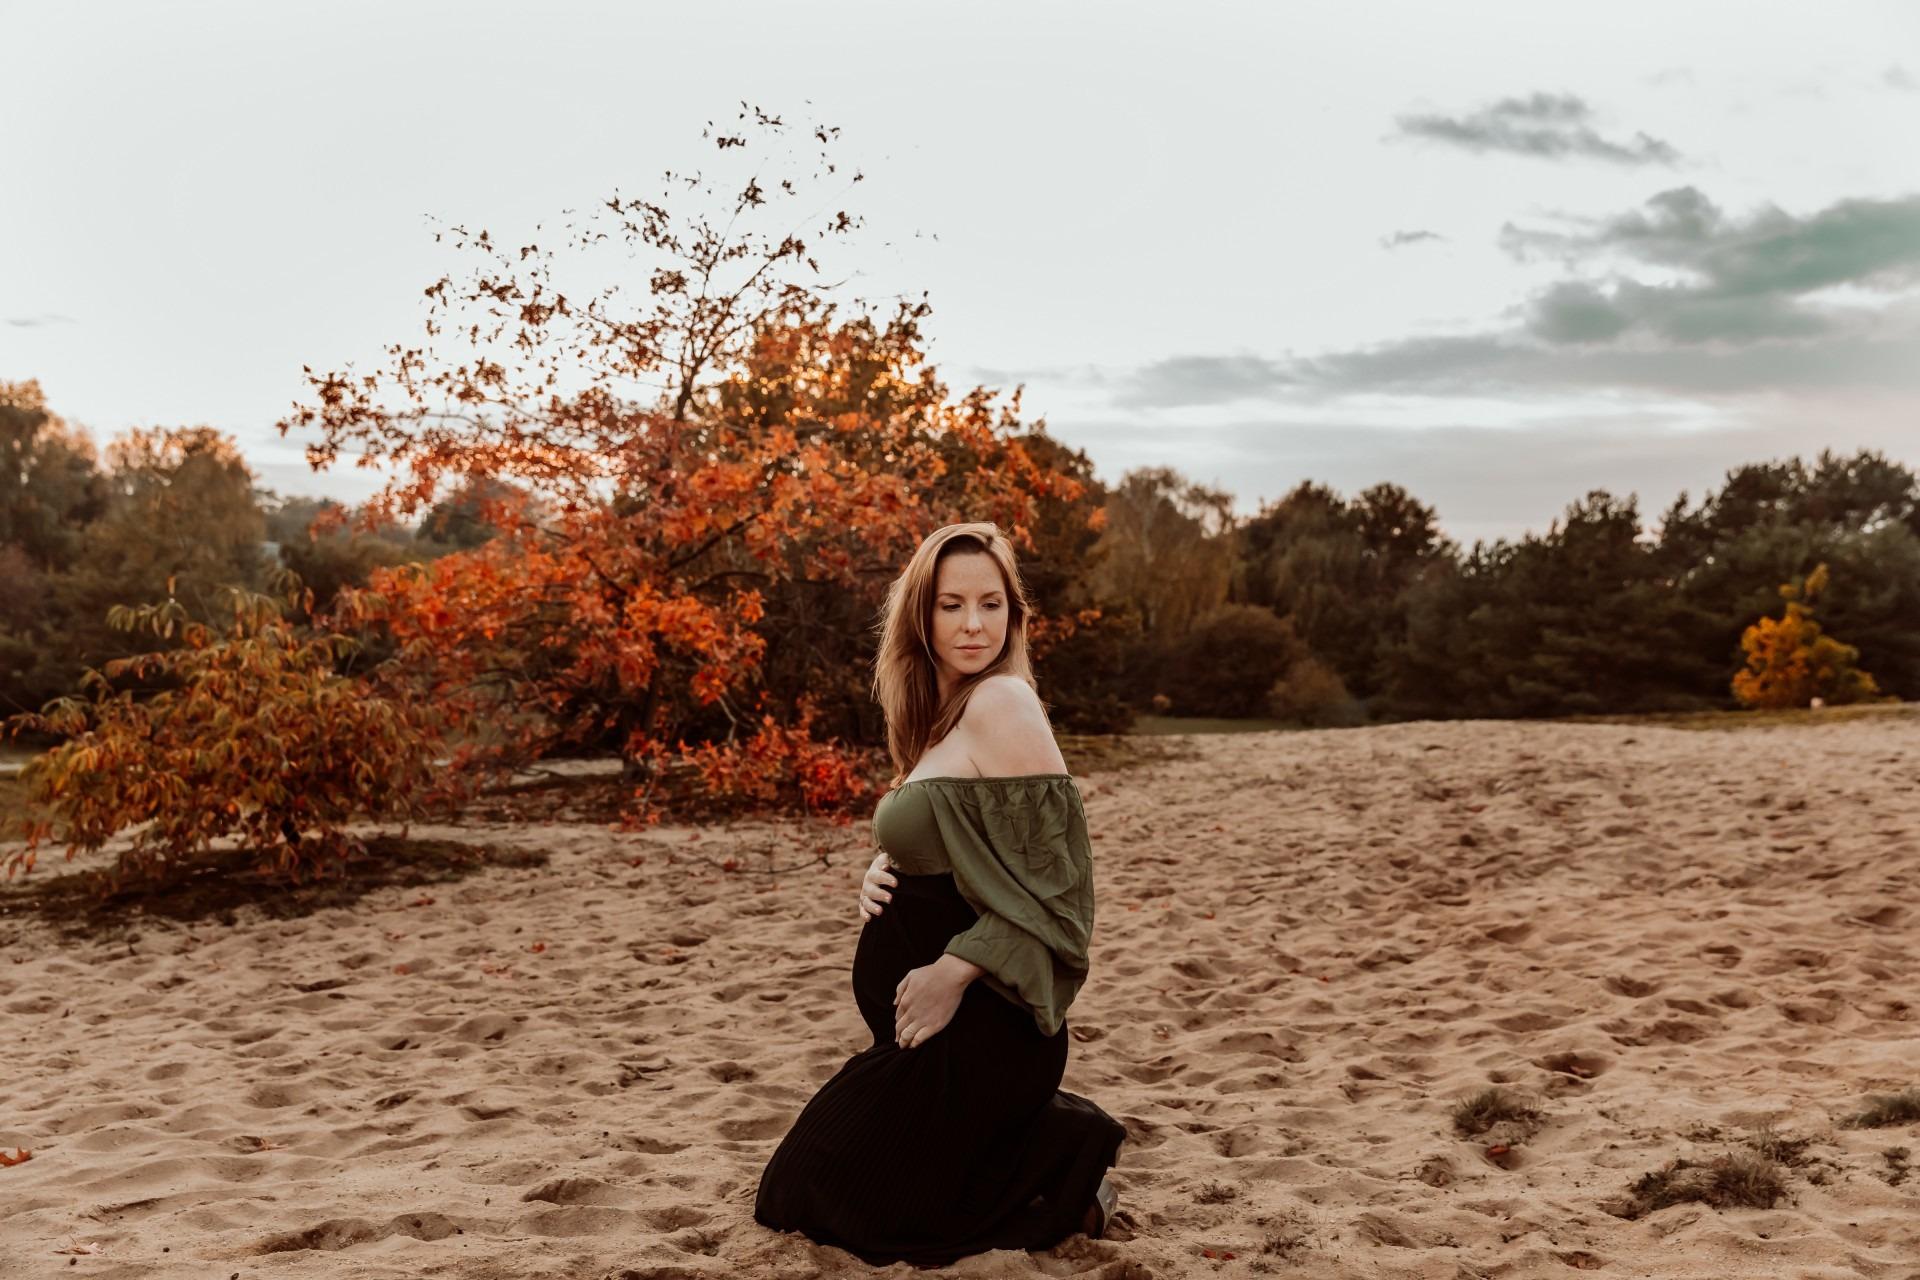 Zwangerschaps fotograaf Venlo, Elainefotografie